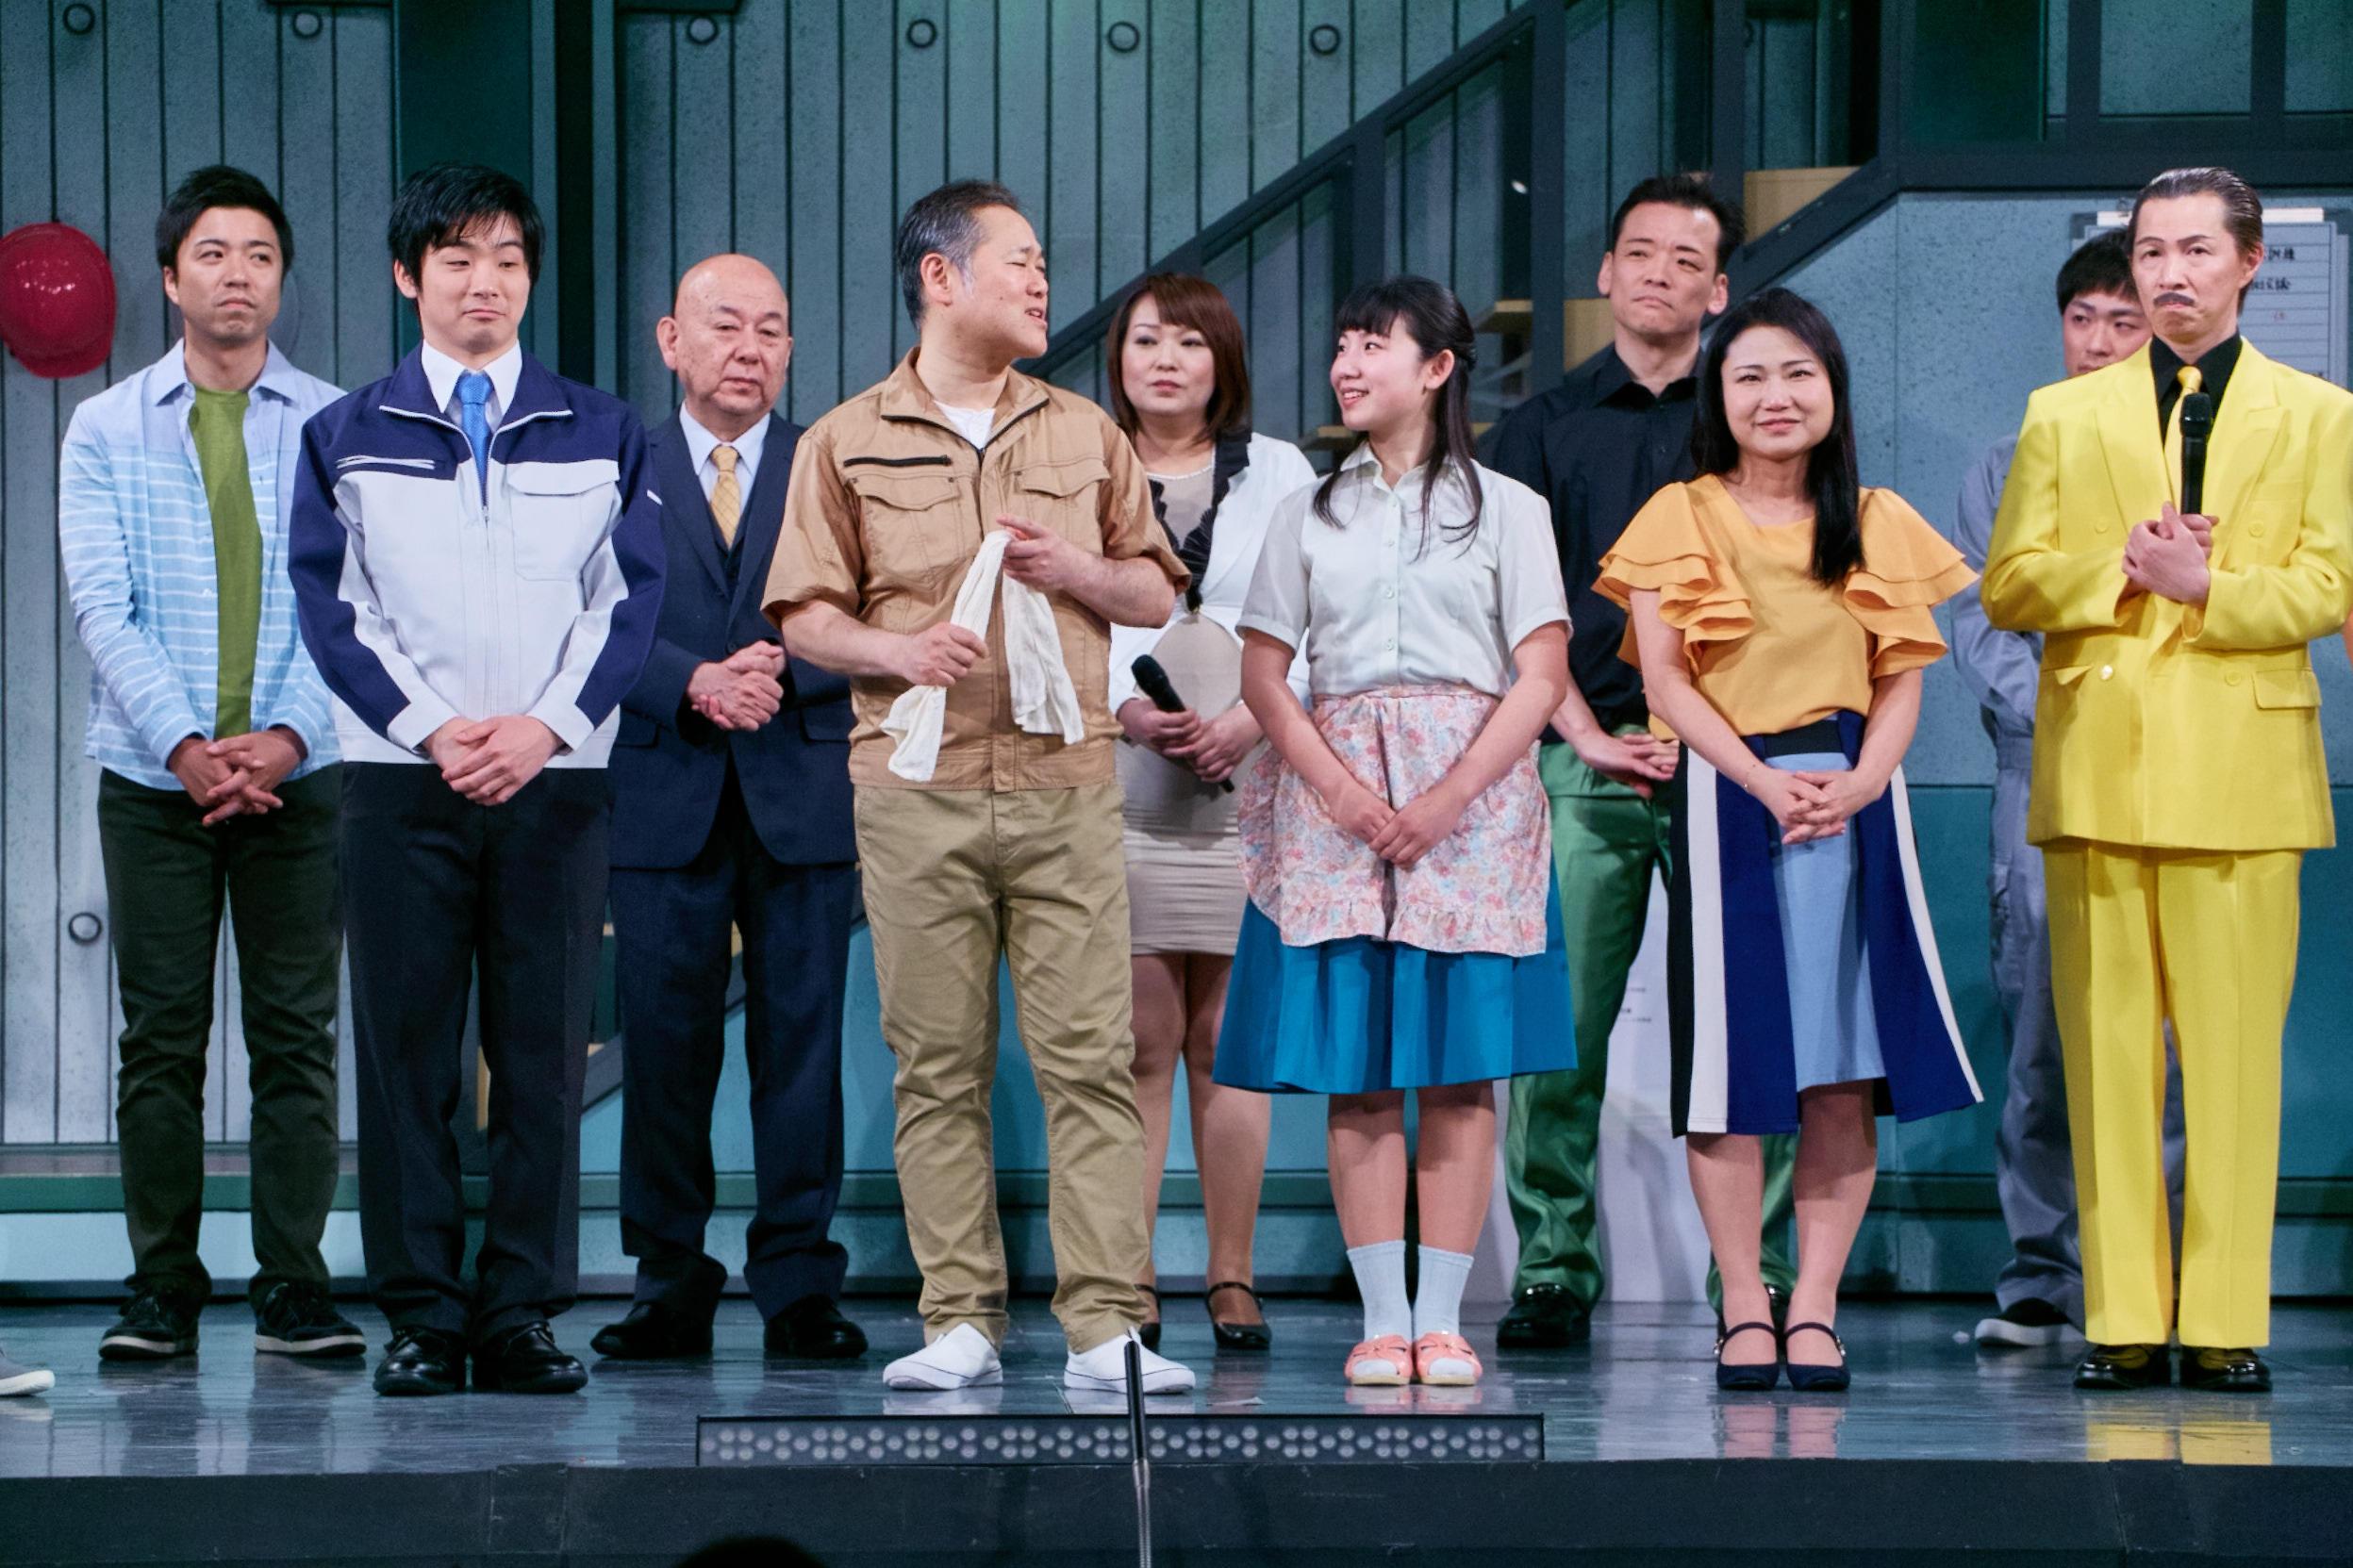 http://news.yoshimoto.co.jp/20180426134055-e93e9fd0a0c27fa0944c78b7ba0078dd740b3914.jpg